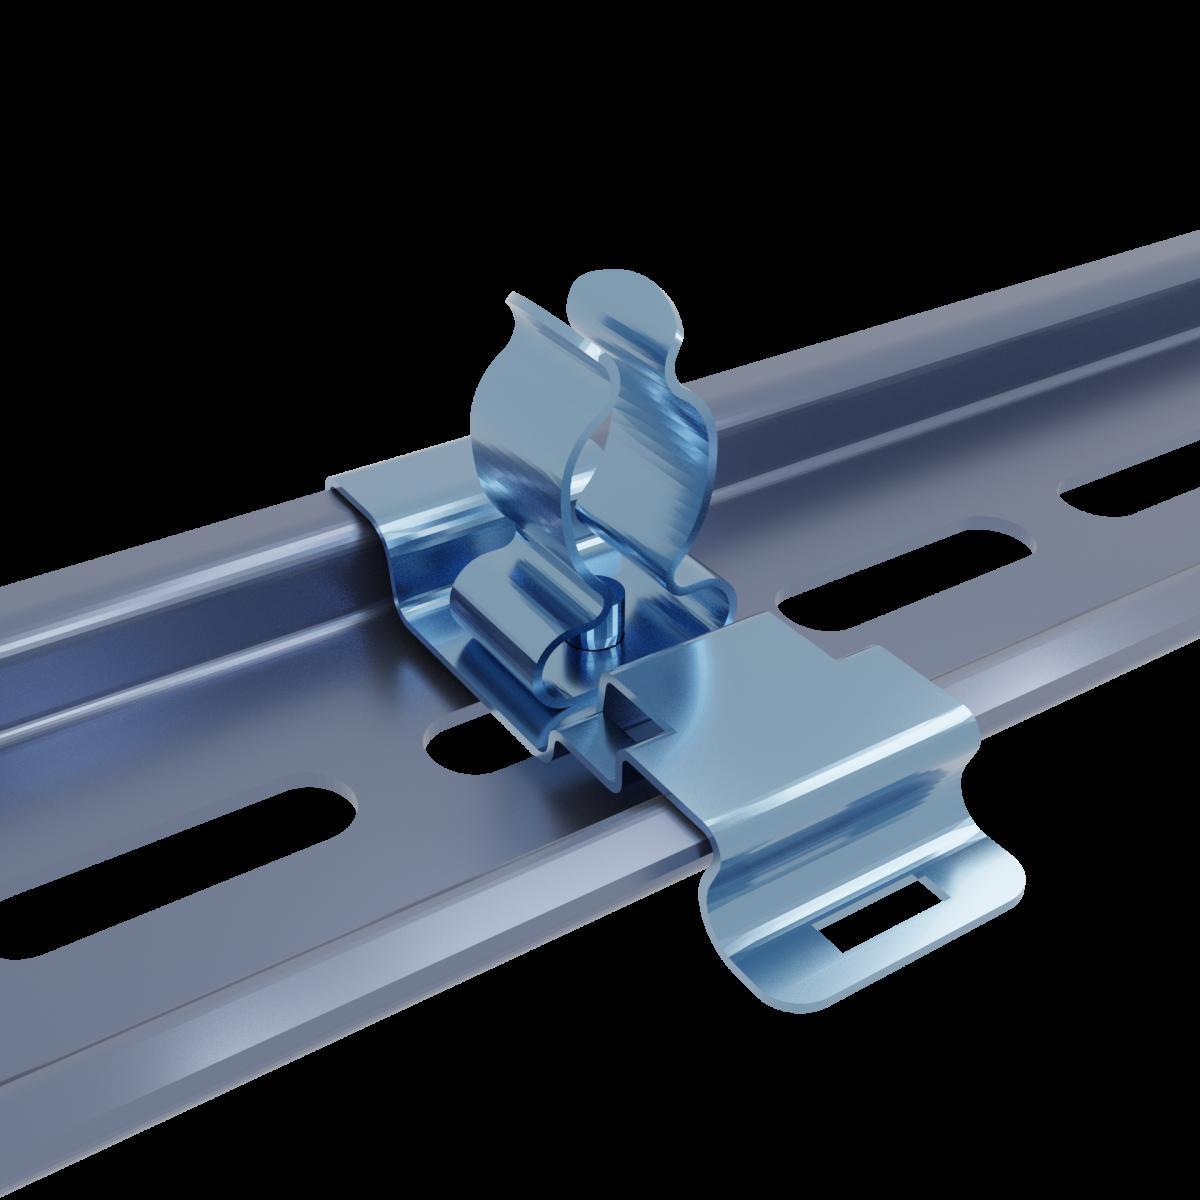 Stínicí kabelová spona MSD 62-74